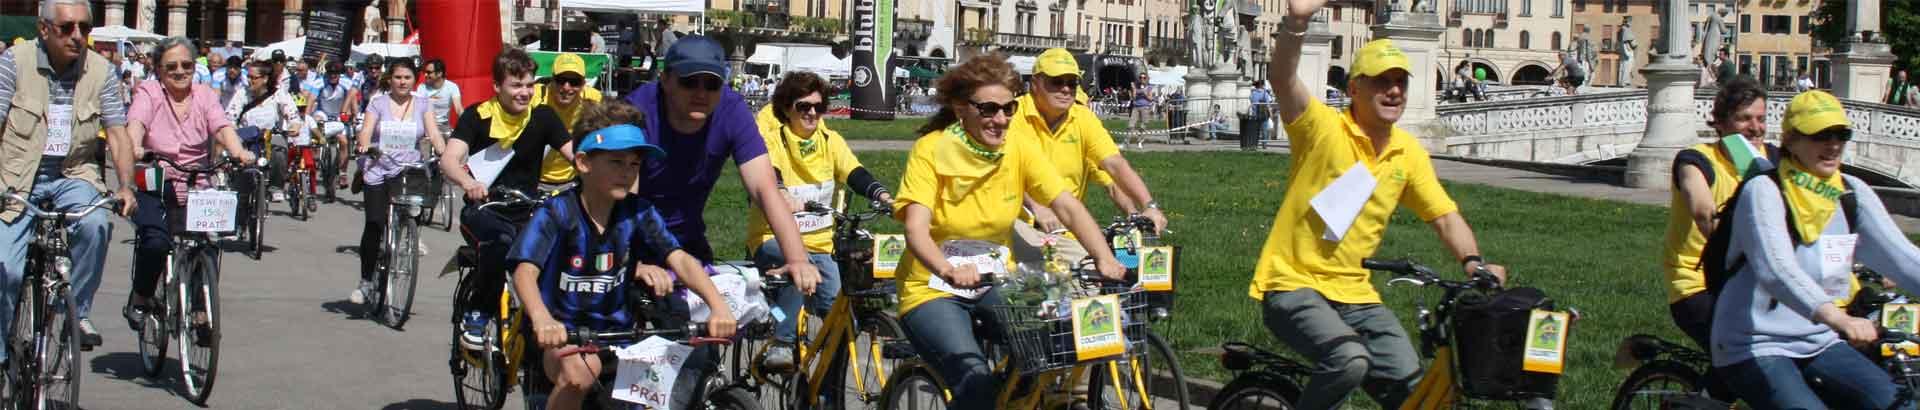 <strong>SOCIAL BIKE</strong>, le tecnologie più avanzate al servizio del ciclista